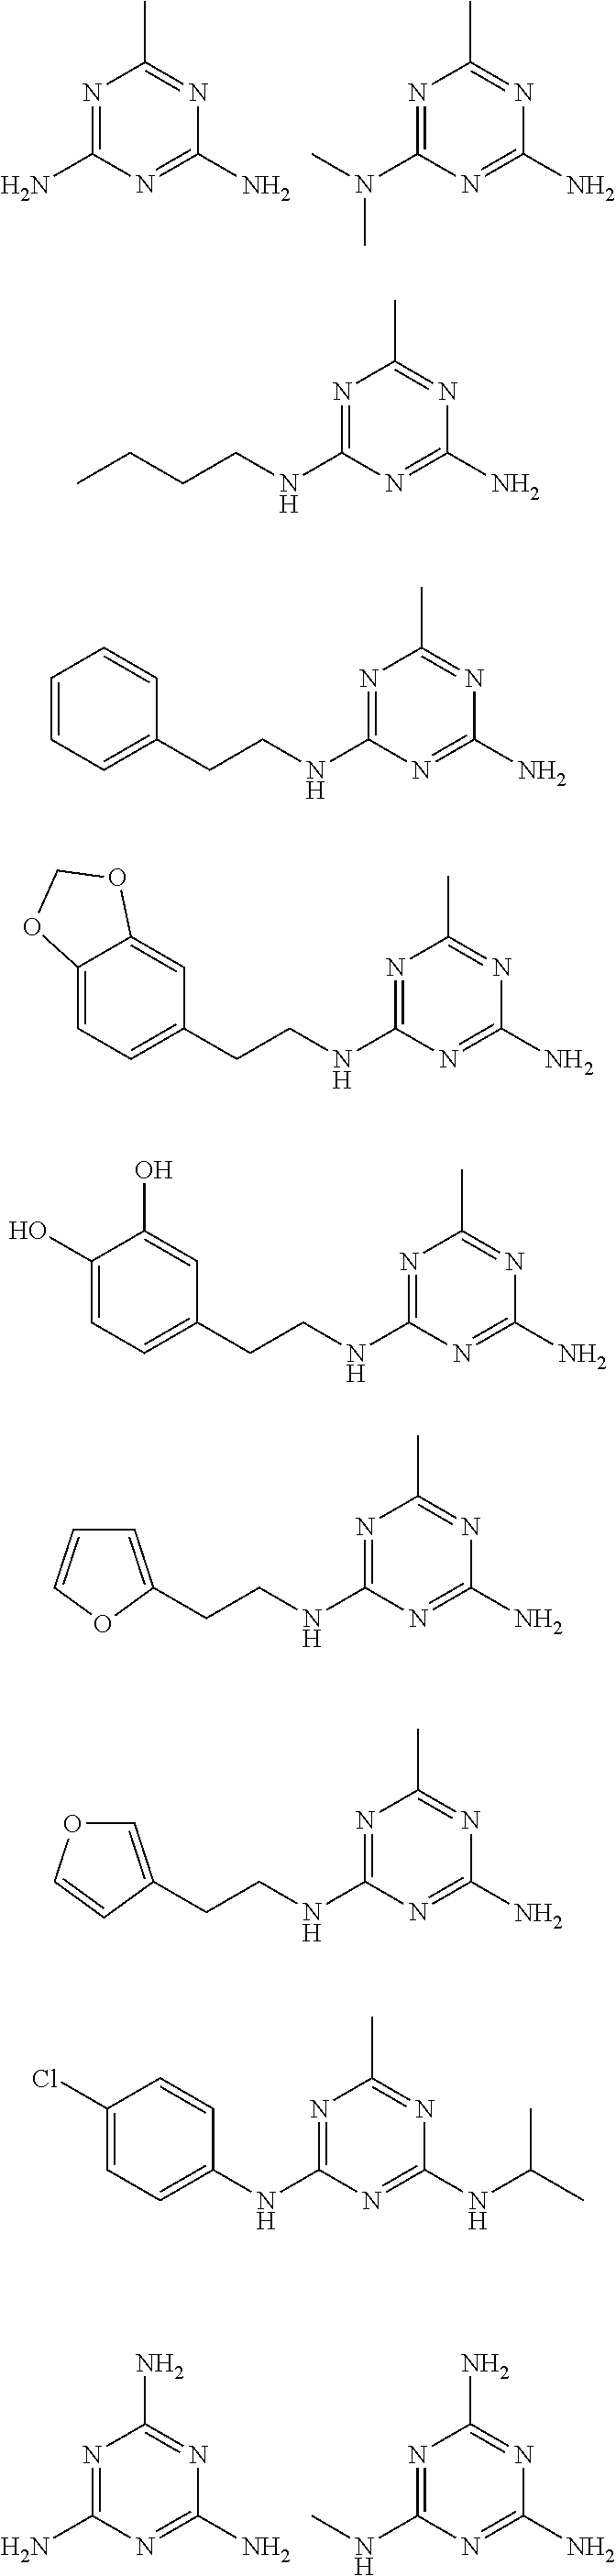 Figure US09480663-20161101-C00097